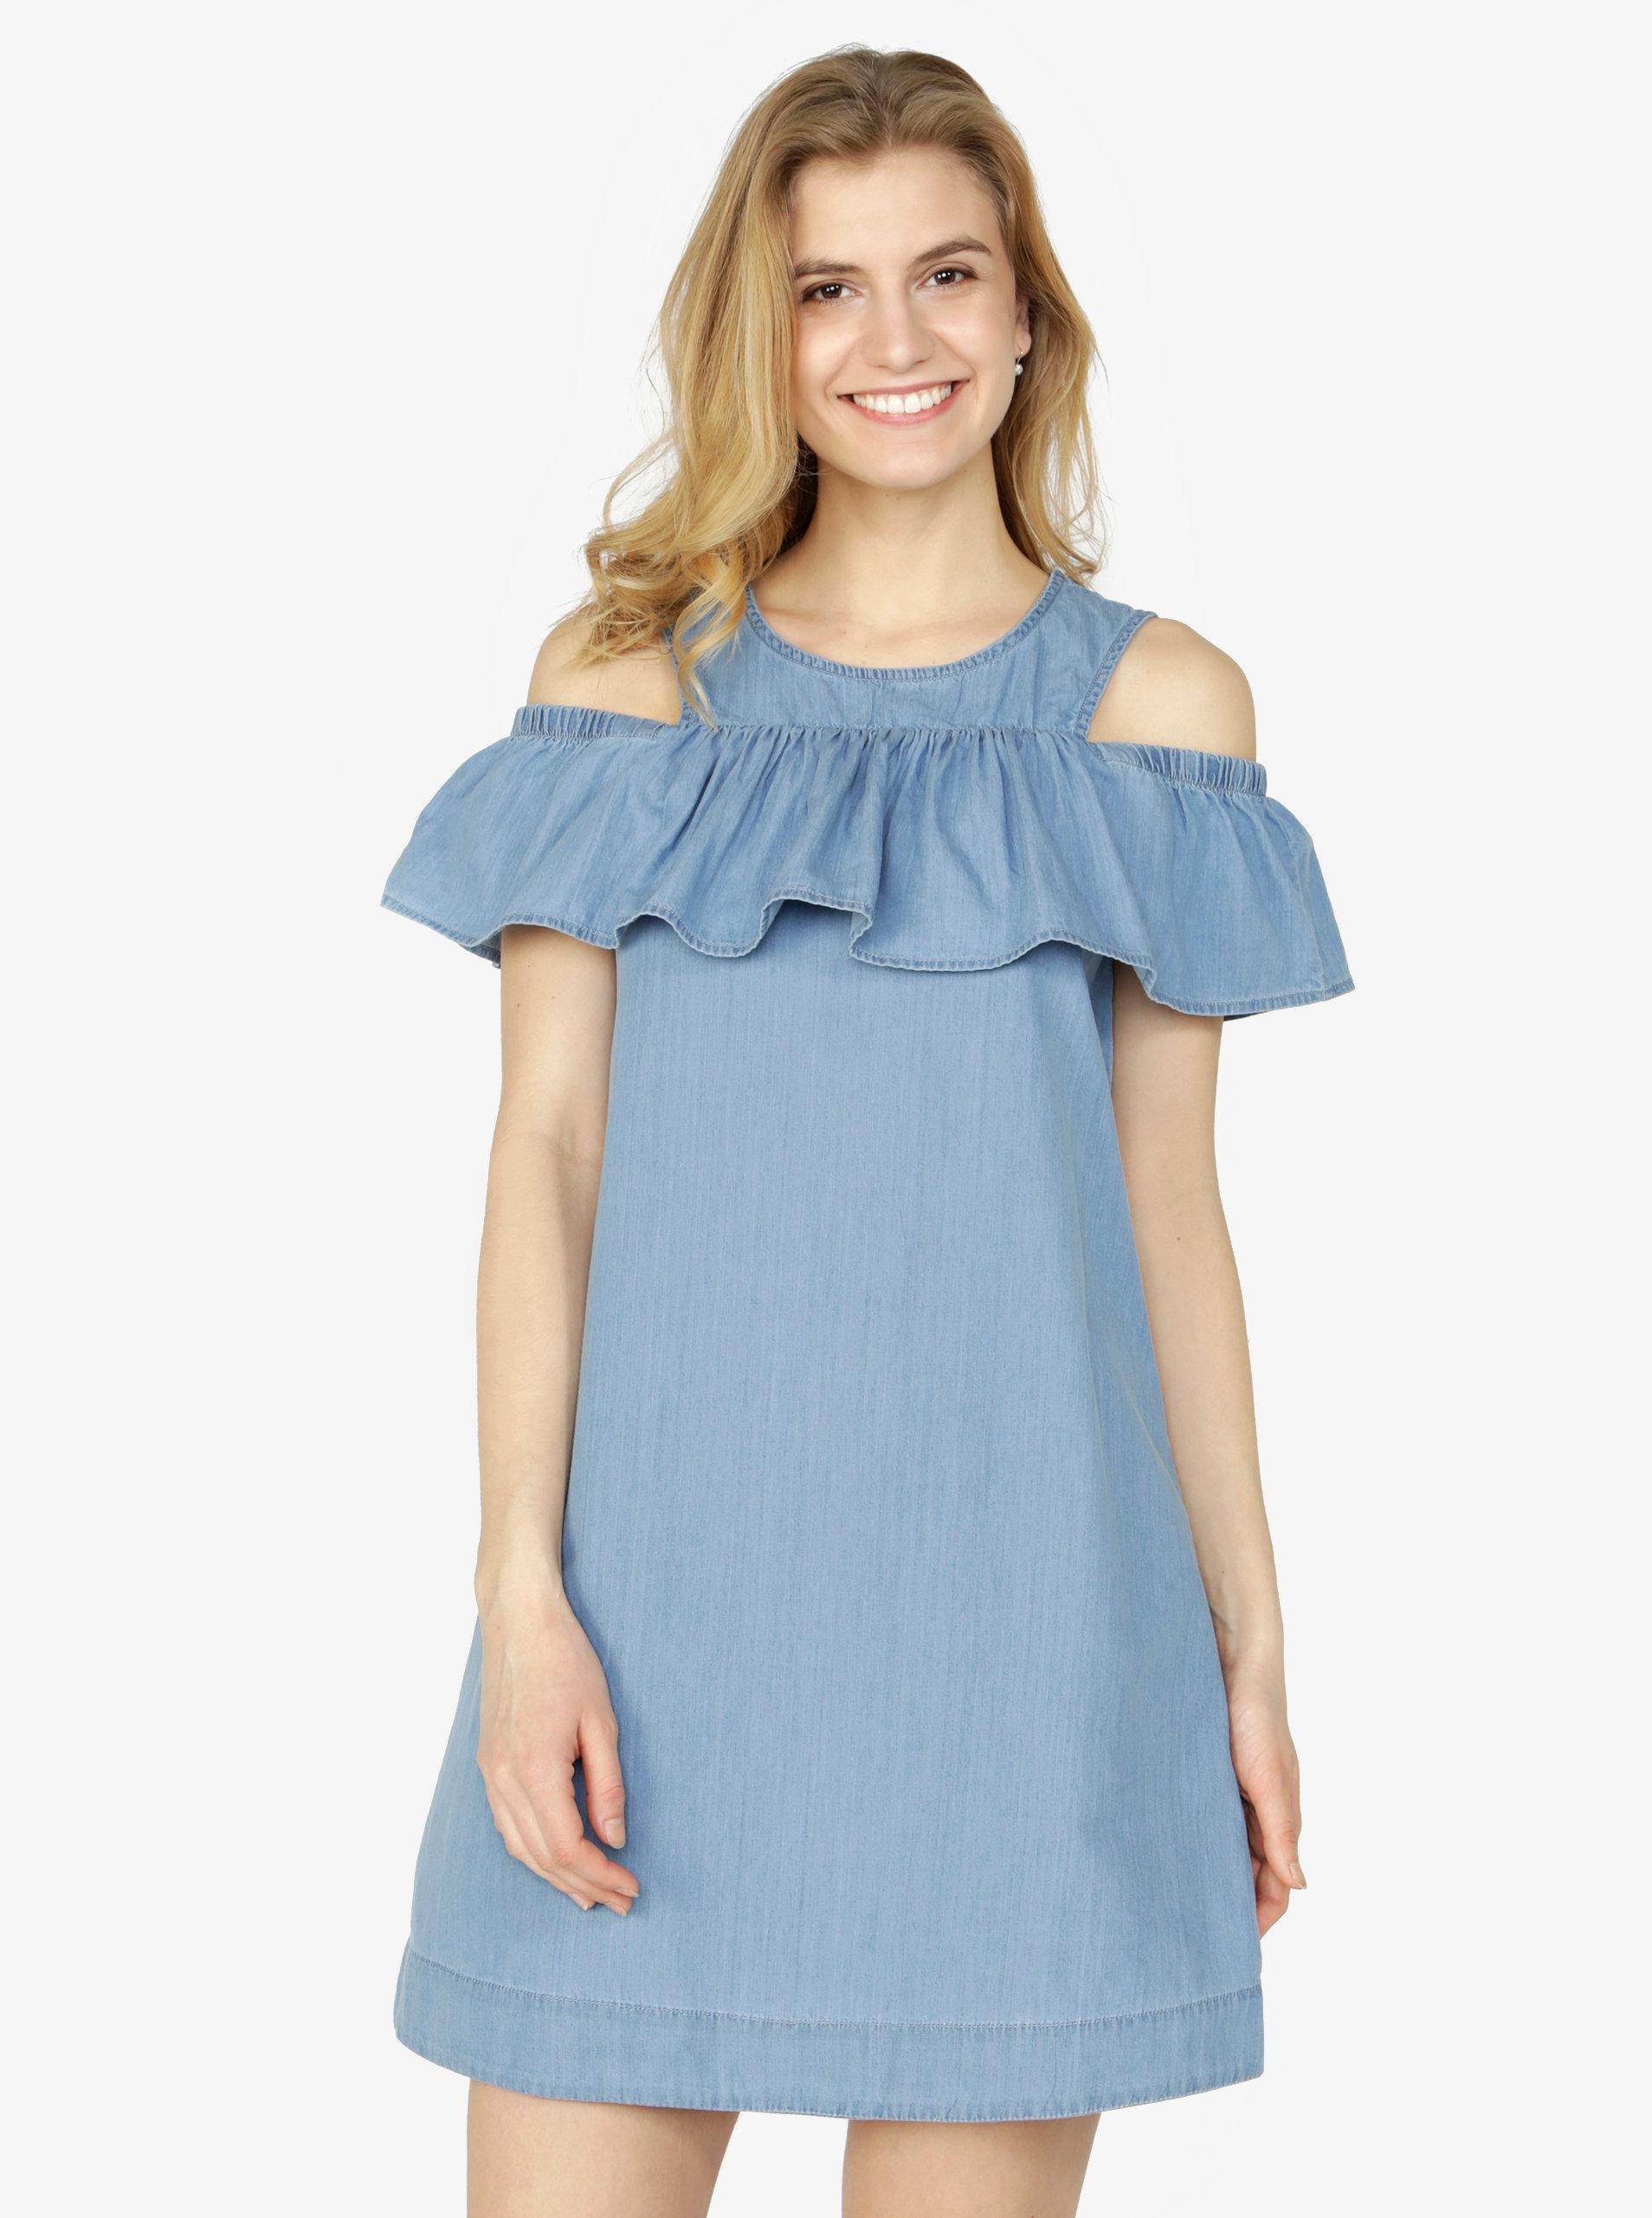 Světle modré džínové šaty s průstřihy na ramenou a volánem VERO MODA Samba 359ee90658